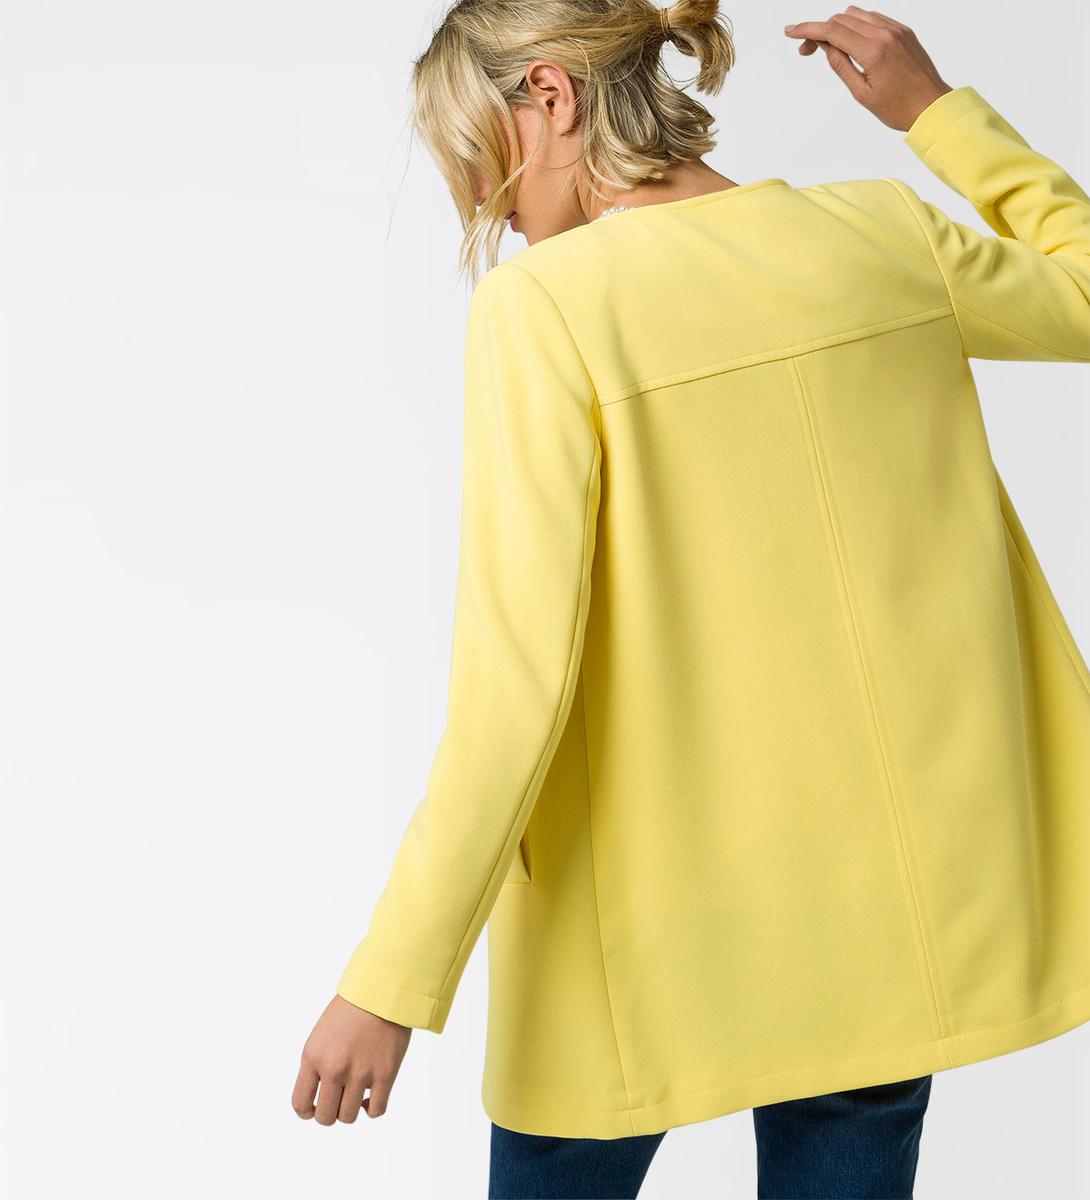 Mantel mit Schulterpolster in lemon